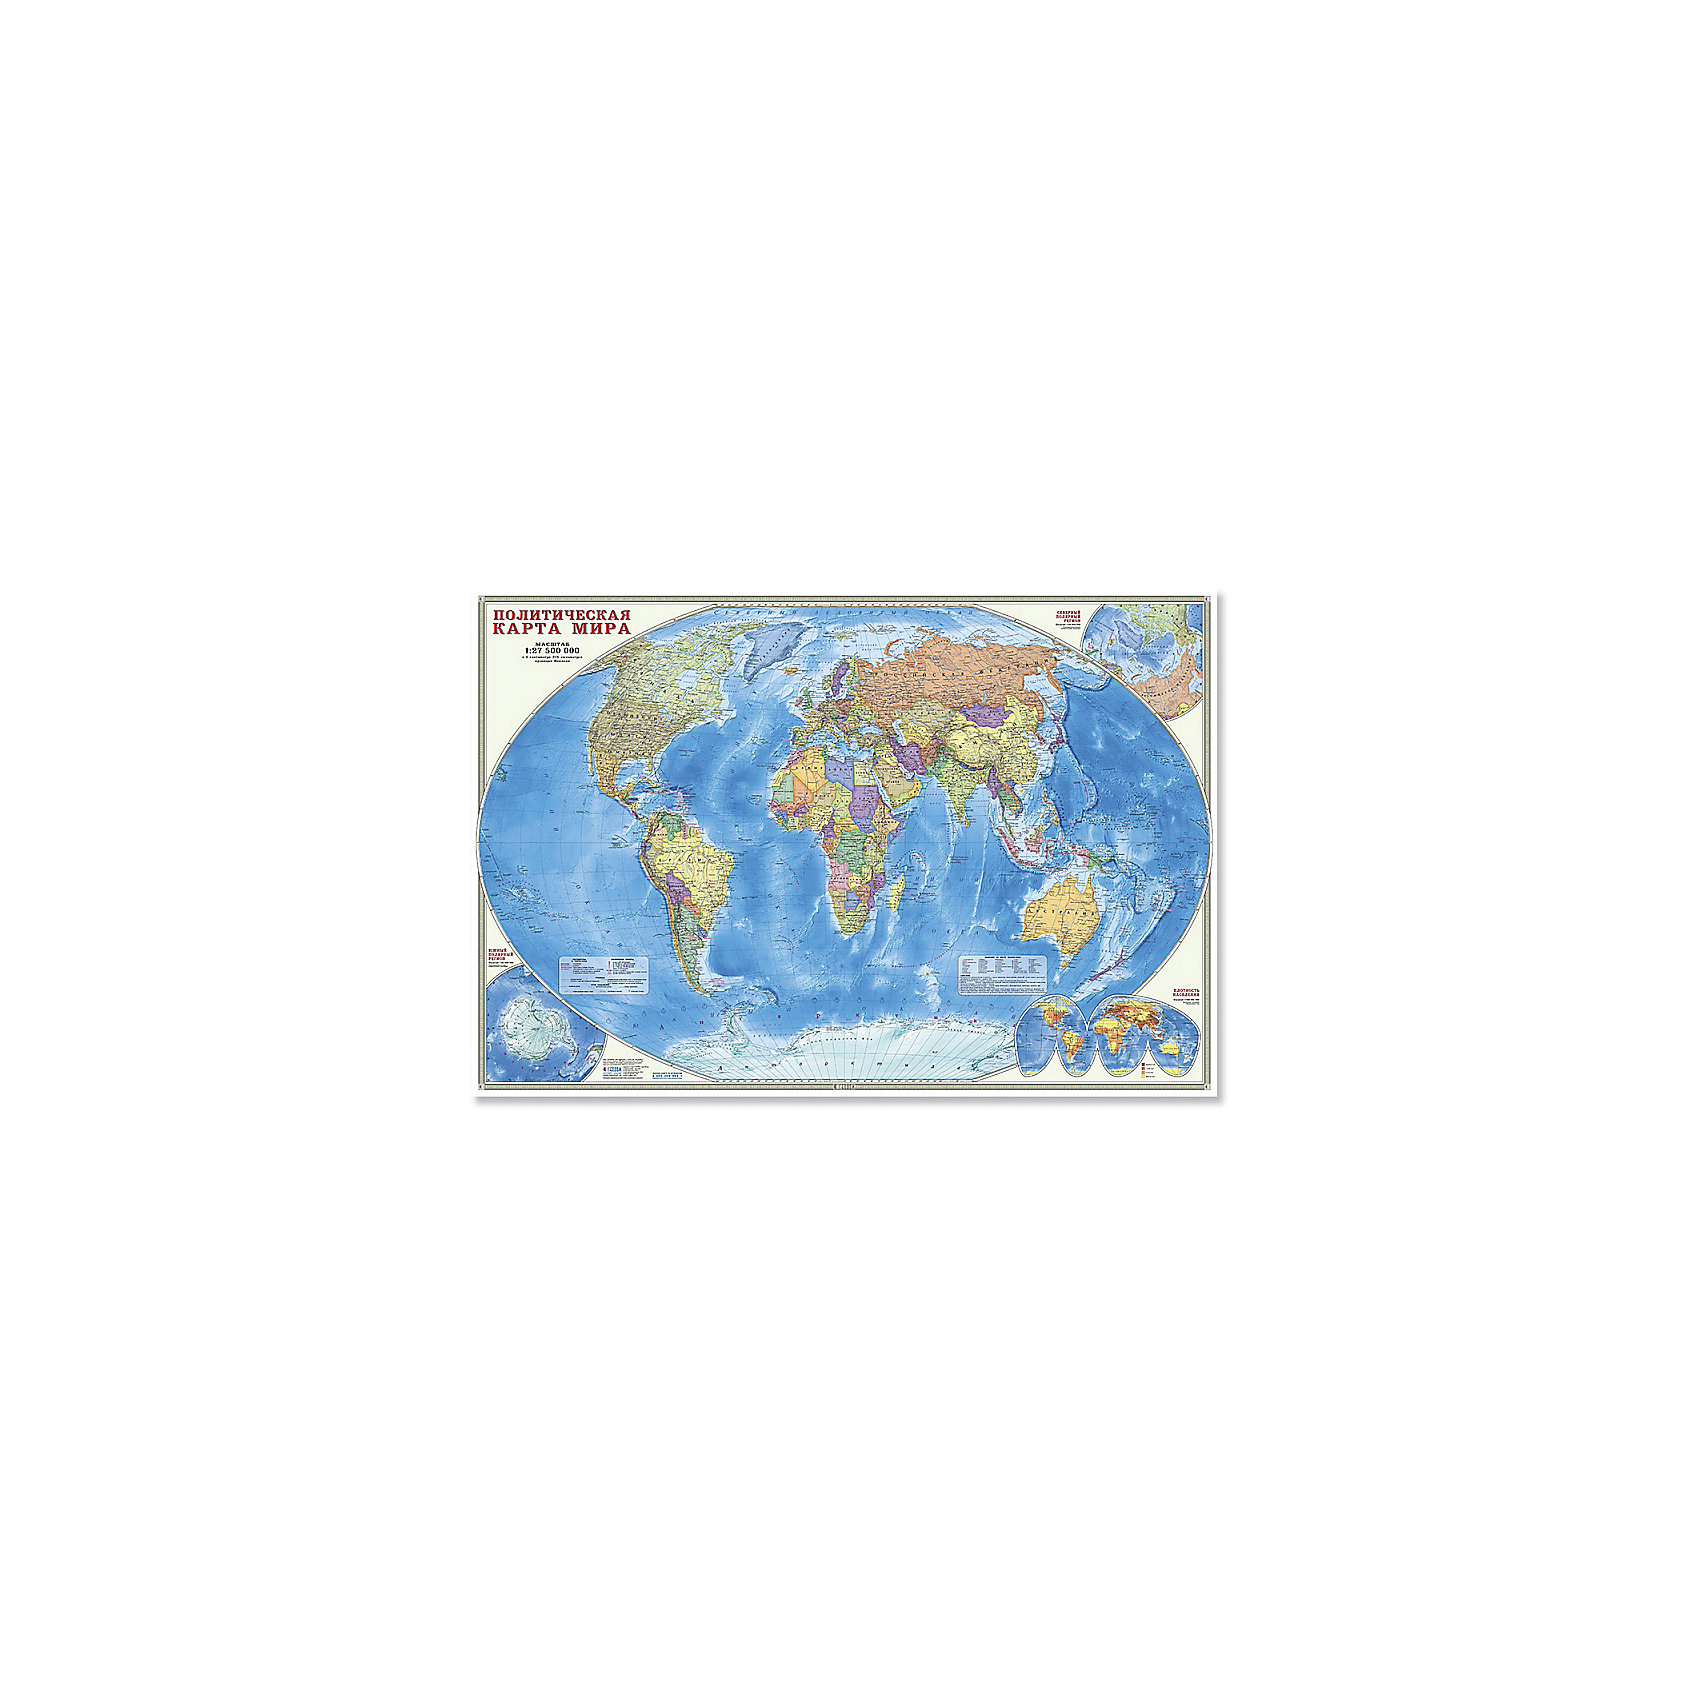 Настенная карта Мир Политический М1:27,5 млн, 101*69 см, ламинированнаяИздательство Геодом<br>Характеристики товара:<br><br>• материал: ламинированная бумага<br>• возраст: от 3 лет<br>• габариты карты: 101х69х0,1 см<br>• вес: 150 г<br>• страна производитель: Россия<br><br>На политической карте мира подробно отражено современное политико-административное устройство мира, даны границы государств. Территории государств выделены цветом. Населённые пункты отображены по числу жителей и административному значению, показаны основные наземные пути сообщения и судоходные каналы. Особенность данной карты в том, что на ней, помимо геополитической информации, размещена символика государств мира. Государственные флаги стран мира сгруппированы по каждому континенту.<br><br>Настенную карту Мир Политический М1:27,5 млн, 101*69 см, можно купить в нашем интернет-магазине.<br><br>Ширина мм: 1010<br>Глубина мм: 690<br>Высота мм: 1<br>Вес г: 150<br>Возраст от месяцев: 36<br>Возраст до месяцев: 2147483647<br>Пол: Унисекс<br>Возраст: Детский<br>SKU: 5422948